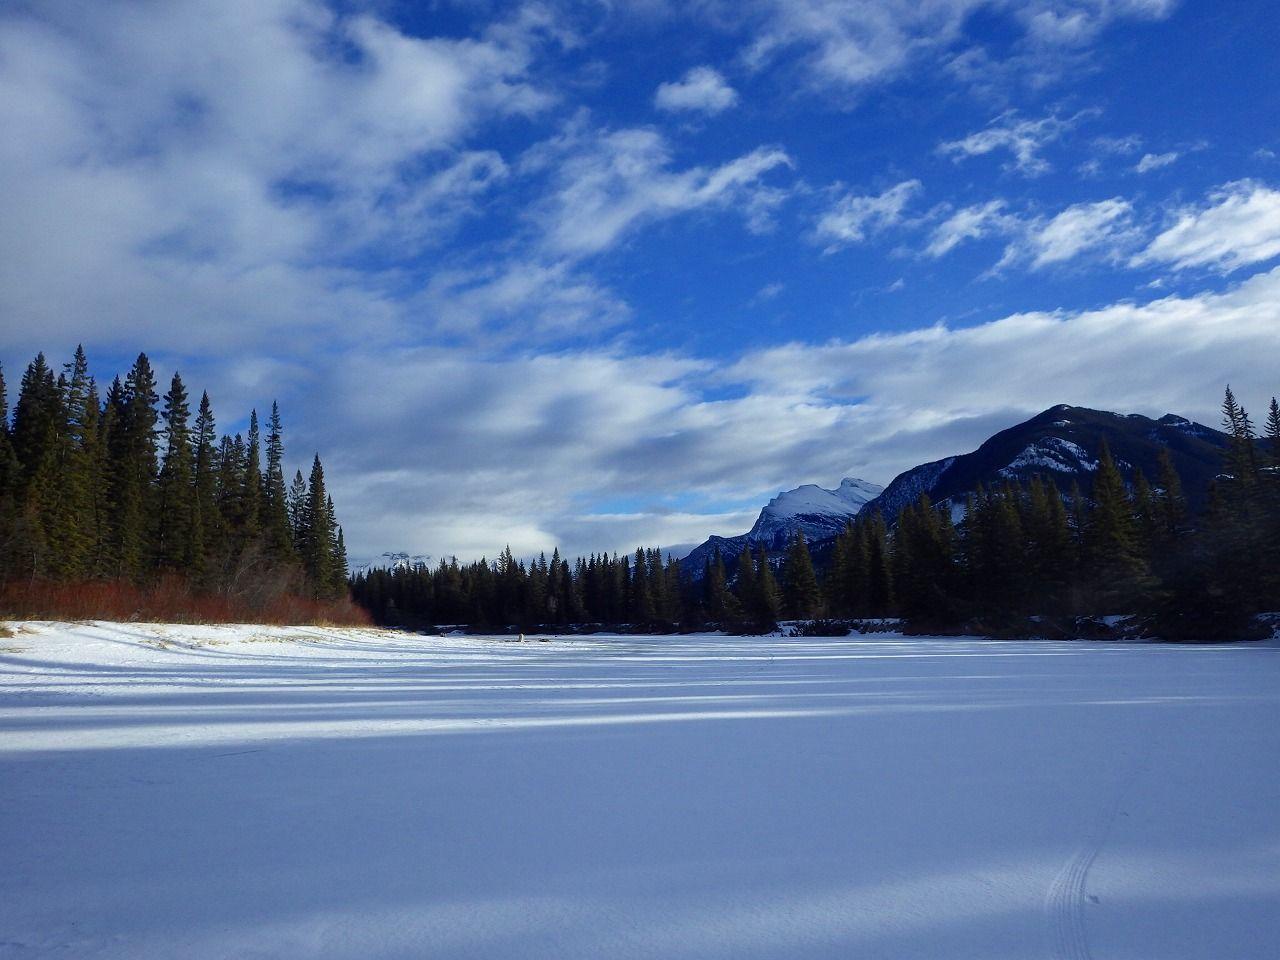 バンフの町の真ん中を流れるボウ川は、冬になれば壮大なトレイルに変身!